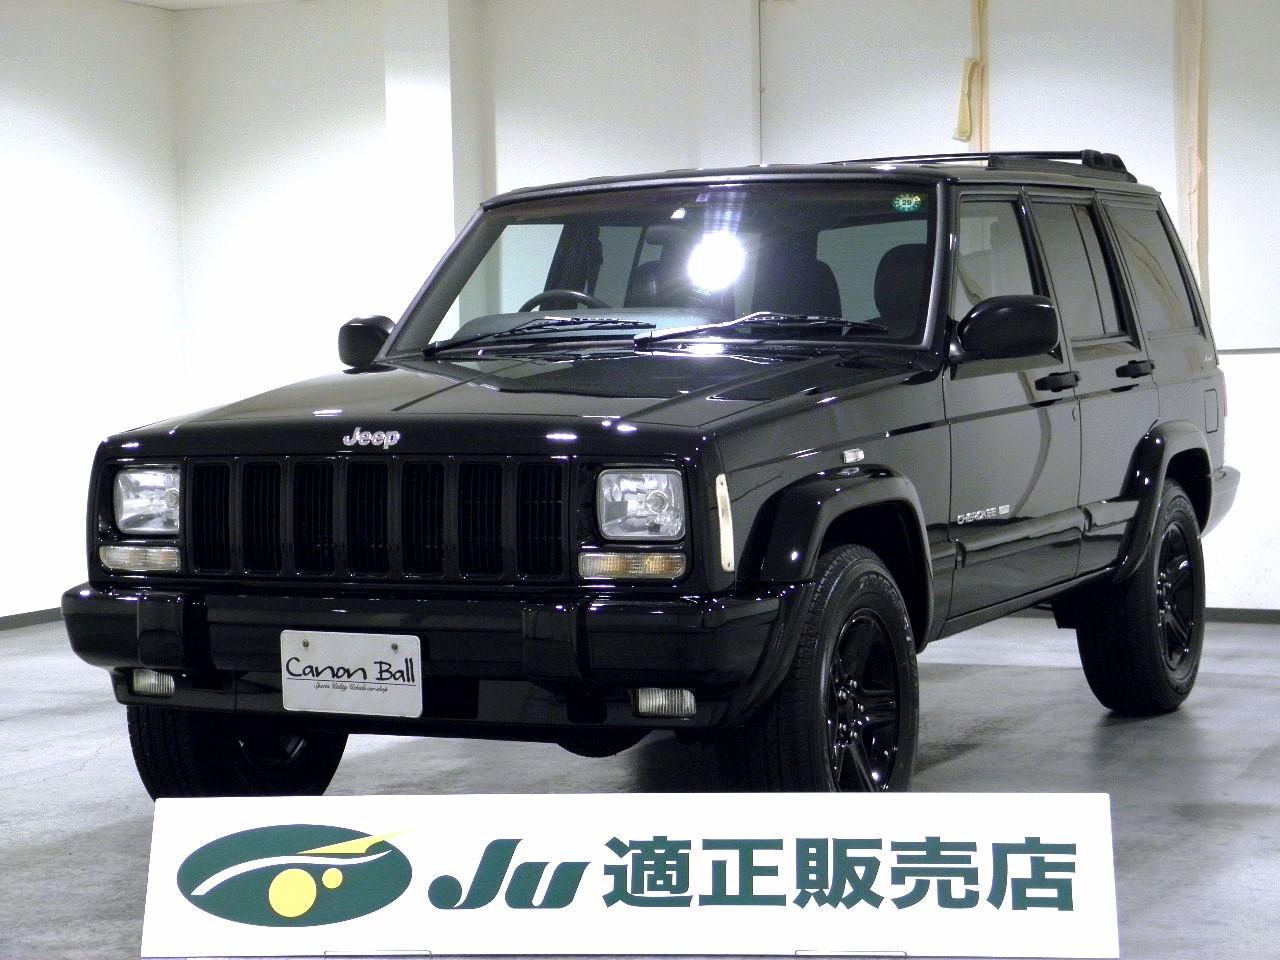 LTD-Newブラックボディ 黒本革シート&ウッドインテリア XJ型Jeep最終 '01モデル (画像別)のイメージ画像です